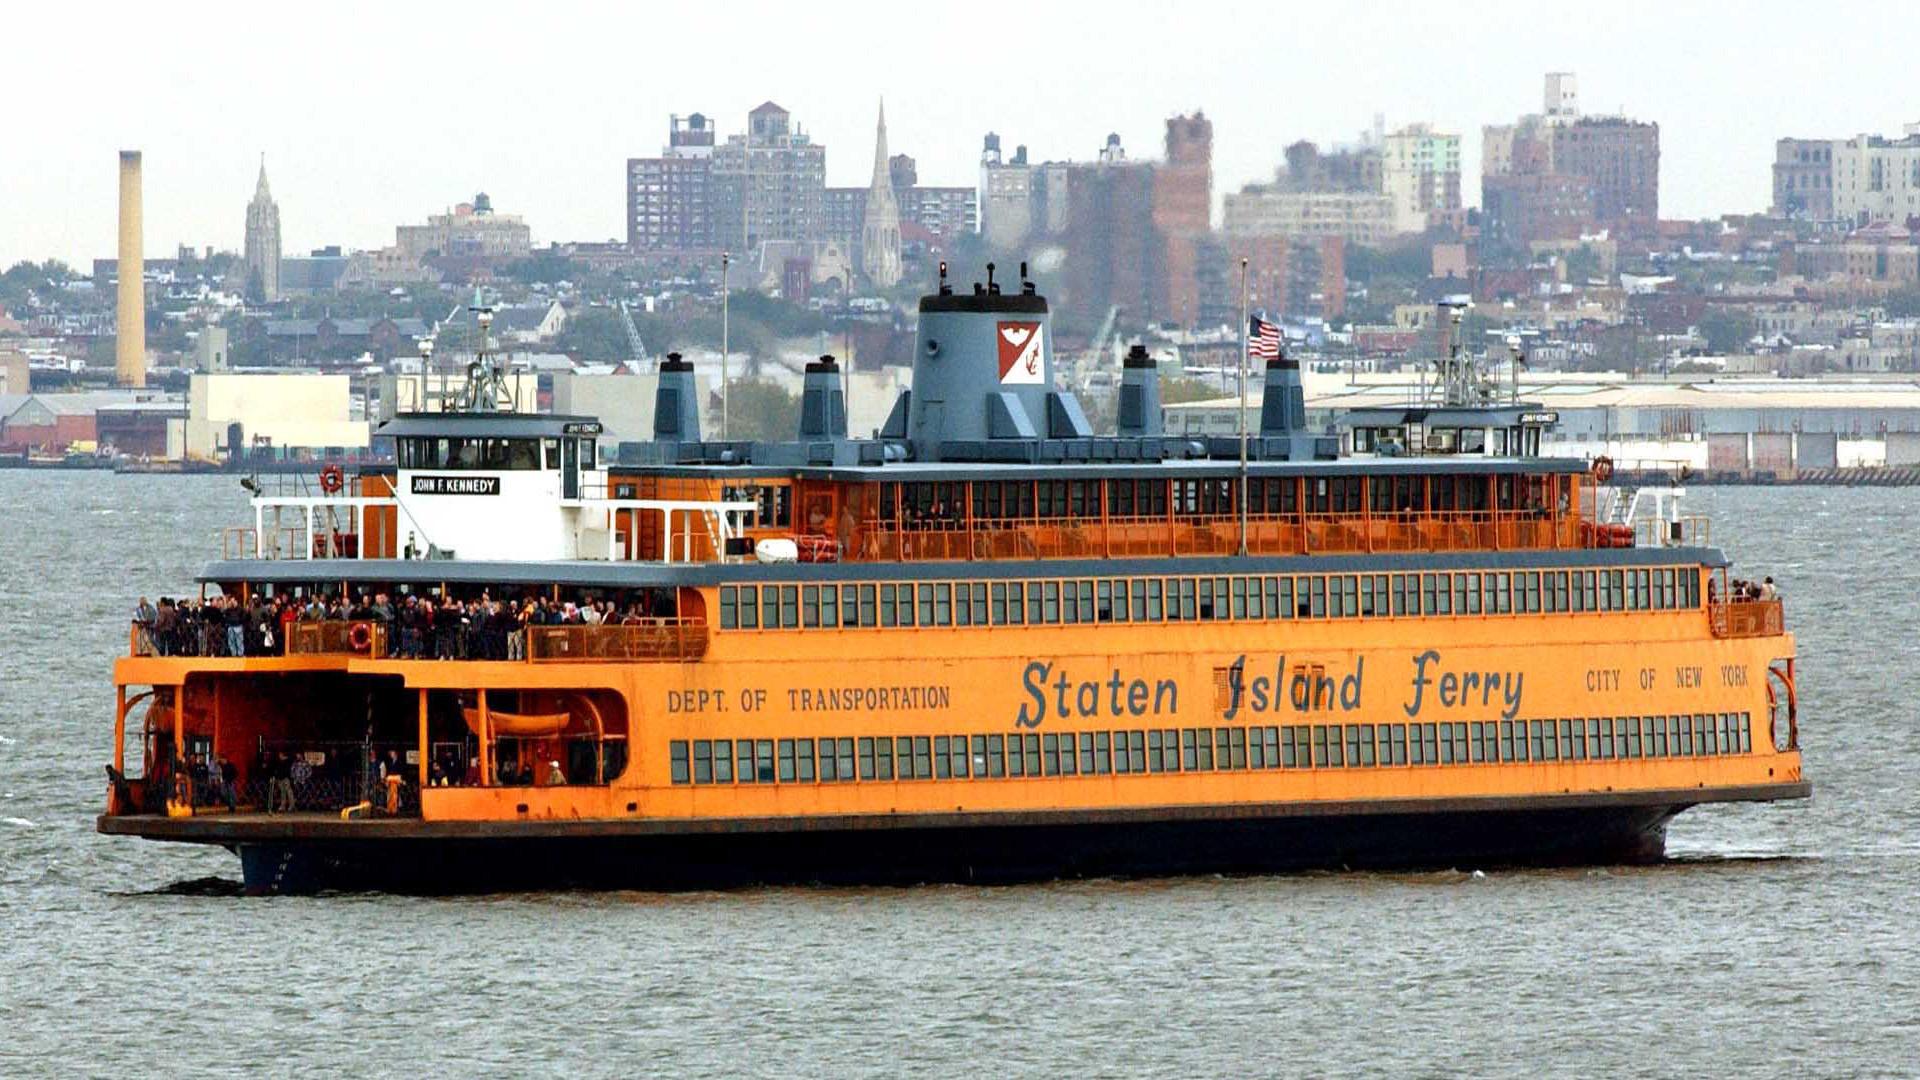 ¿Cómo funcionan algunos de los ferries en Estados Unidos?